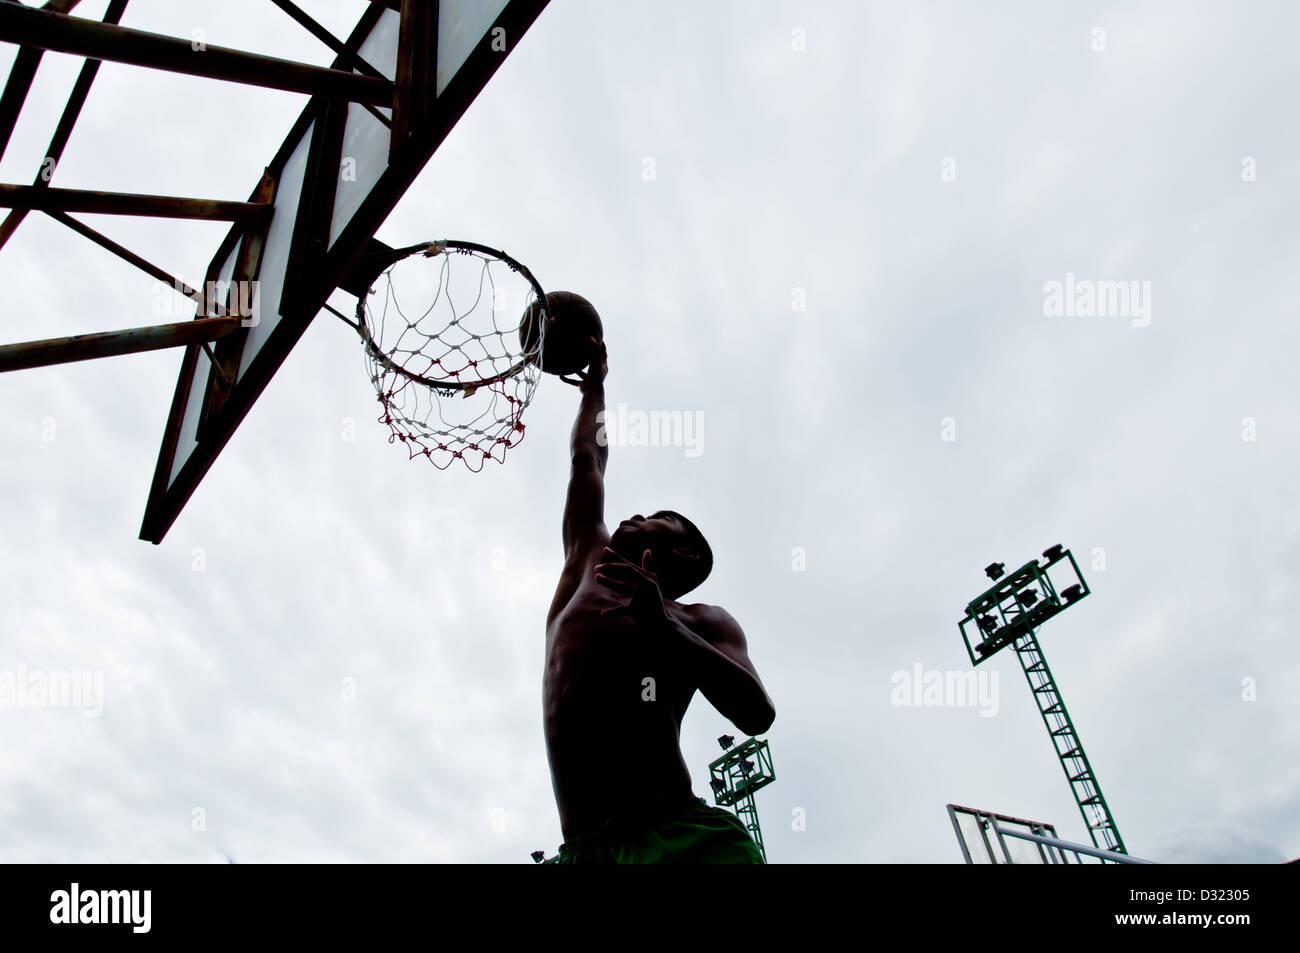 Erfreut Basketball Farbseiten Fotos - Malvorlagen Von Tieren - ngadi ...